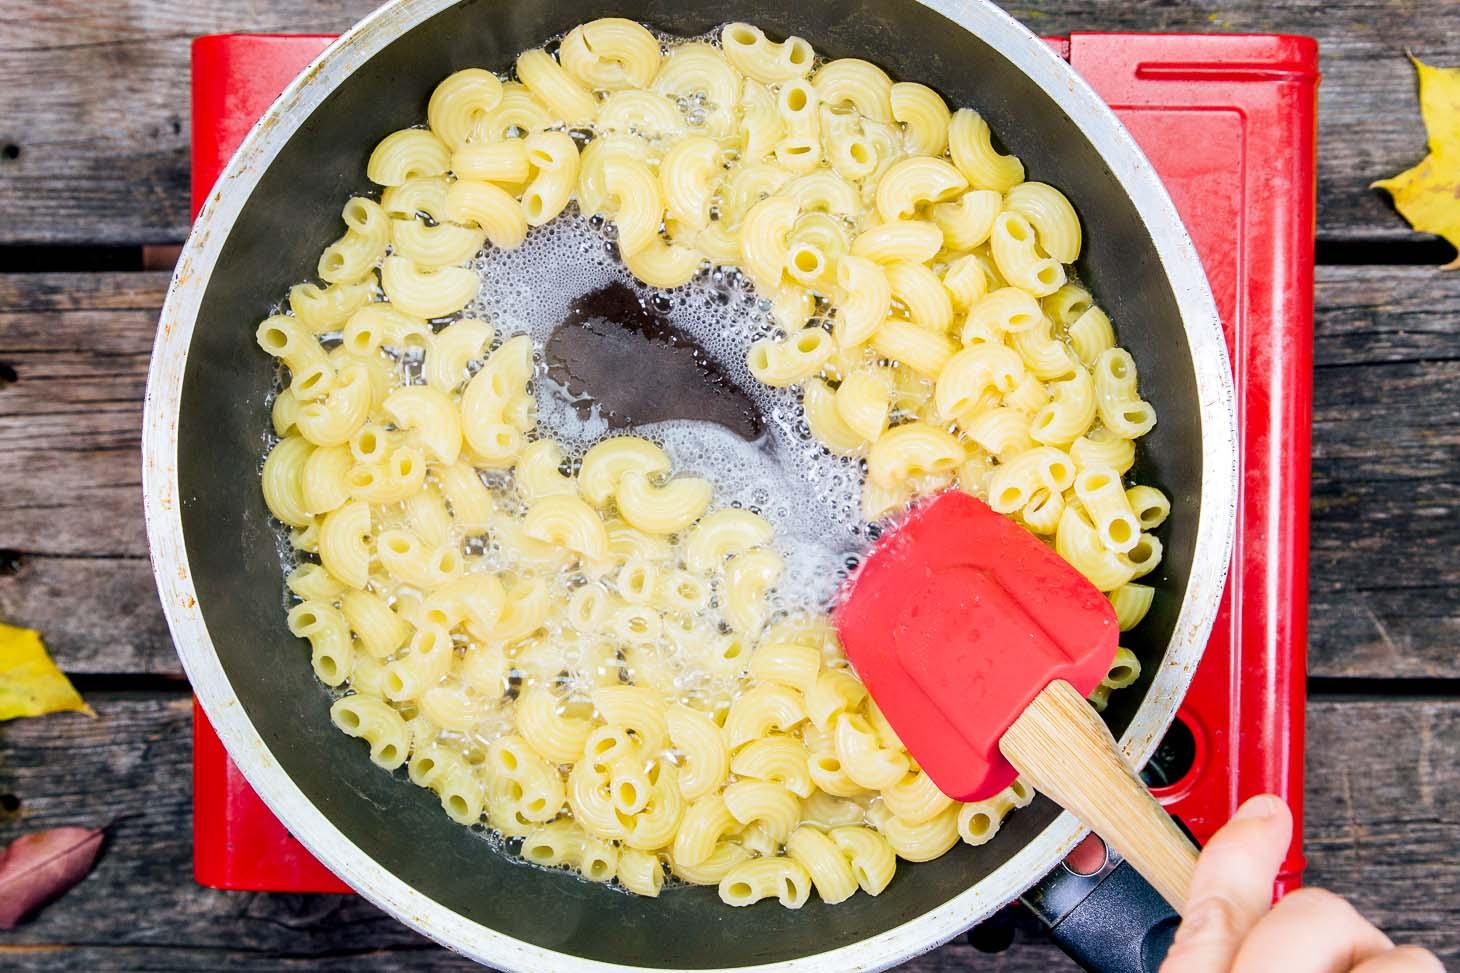 Stirring noodles in a skillet